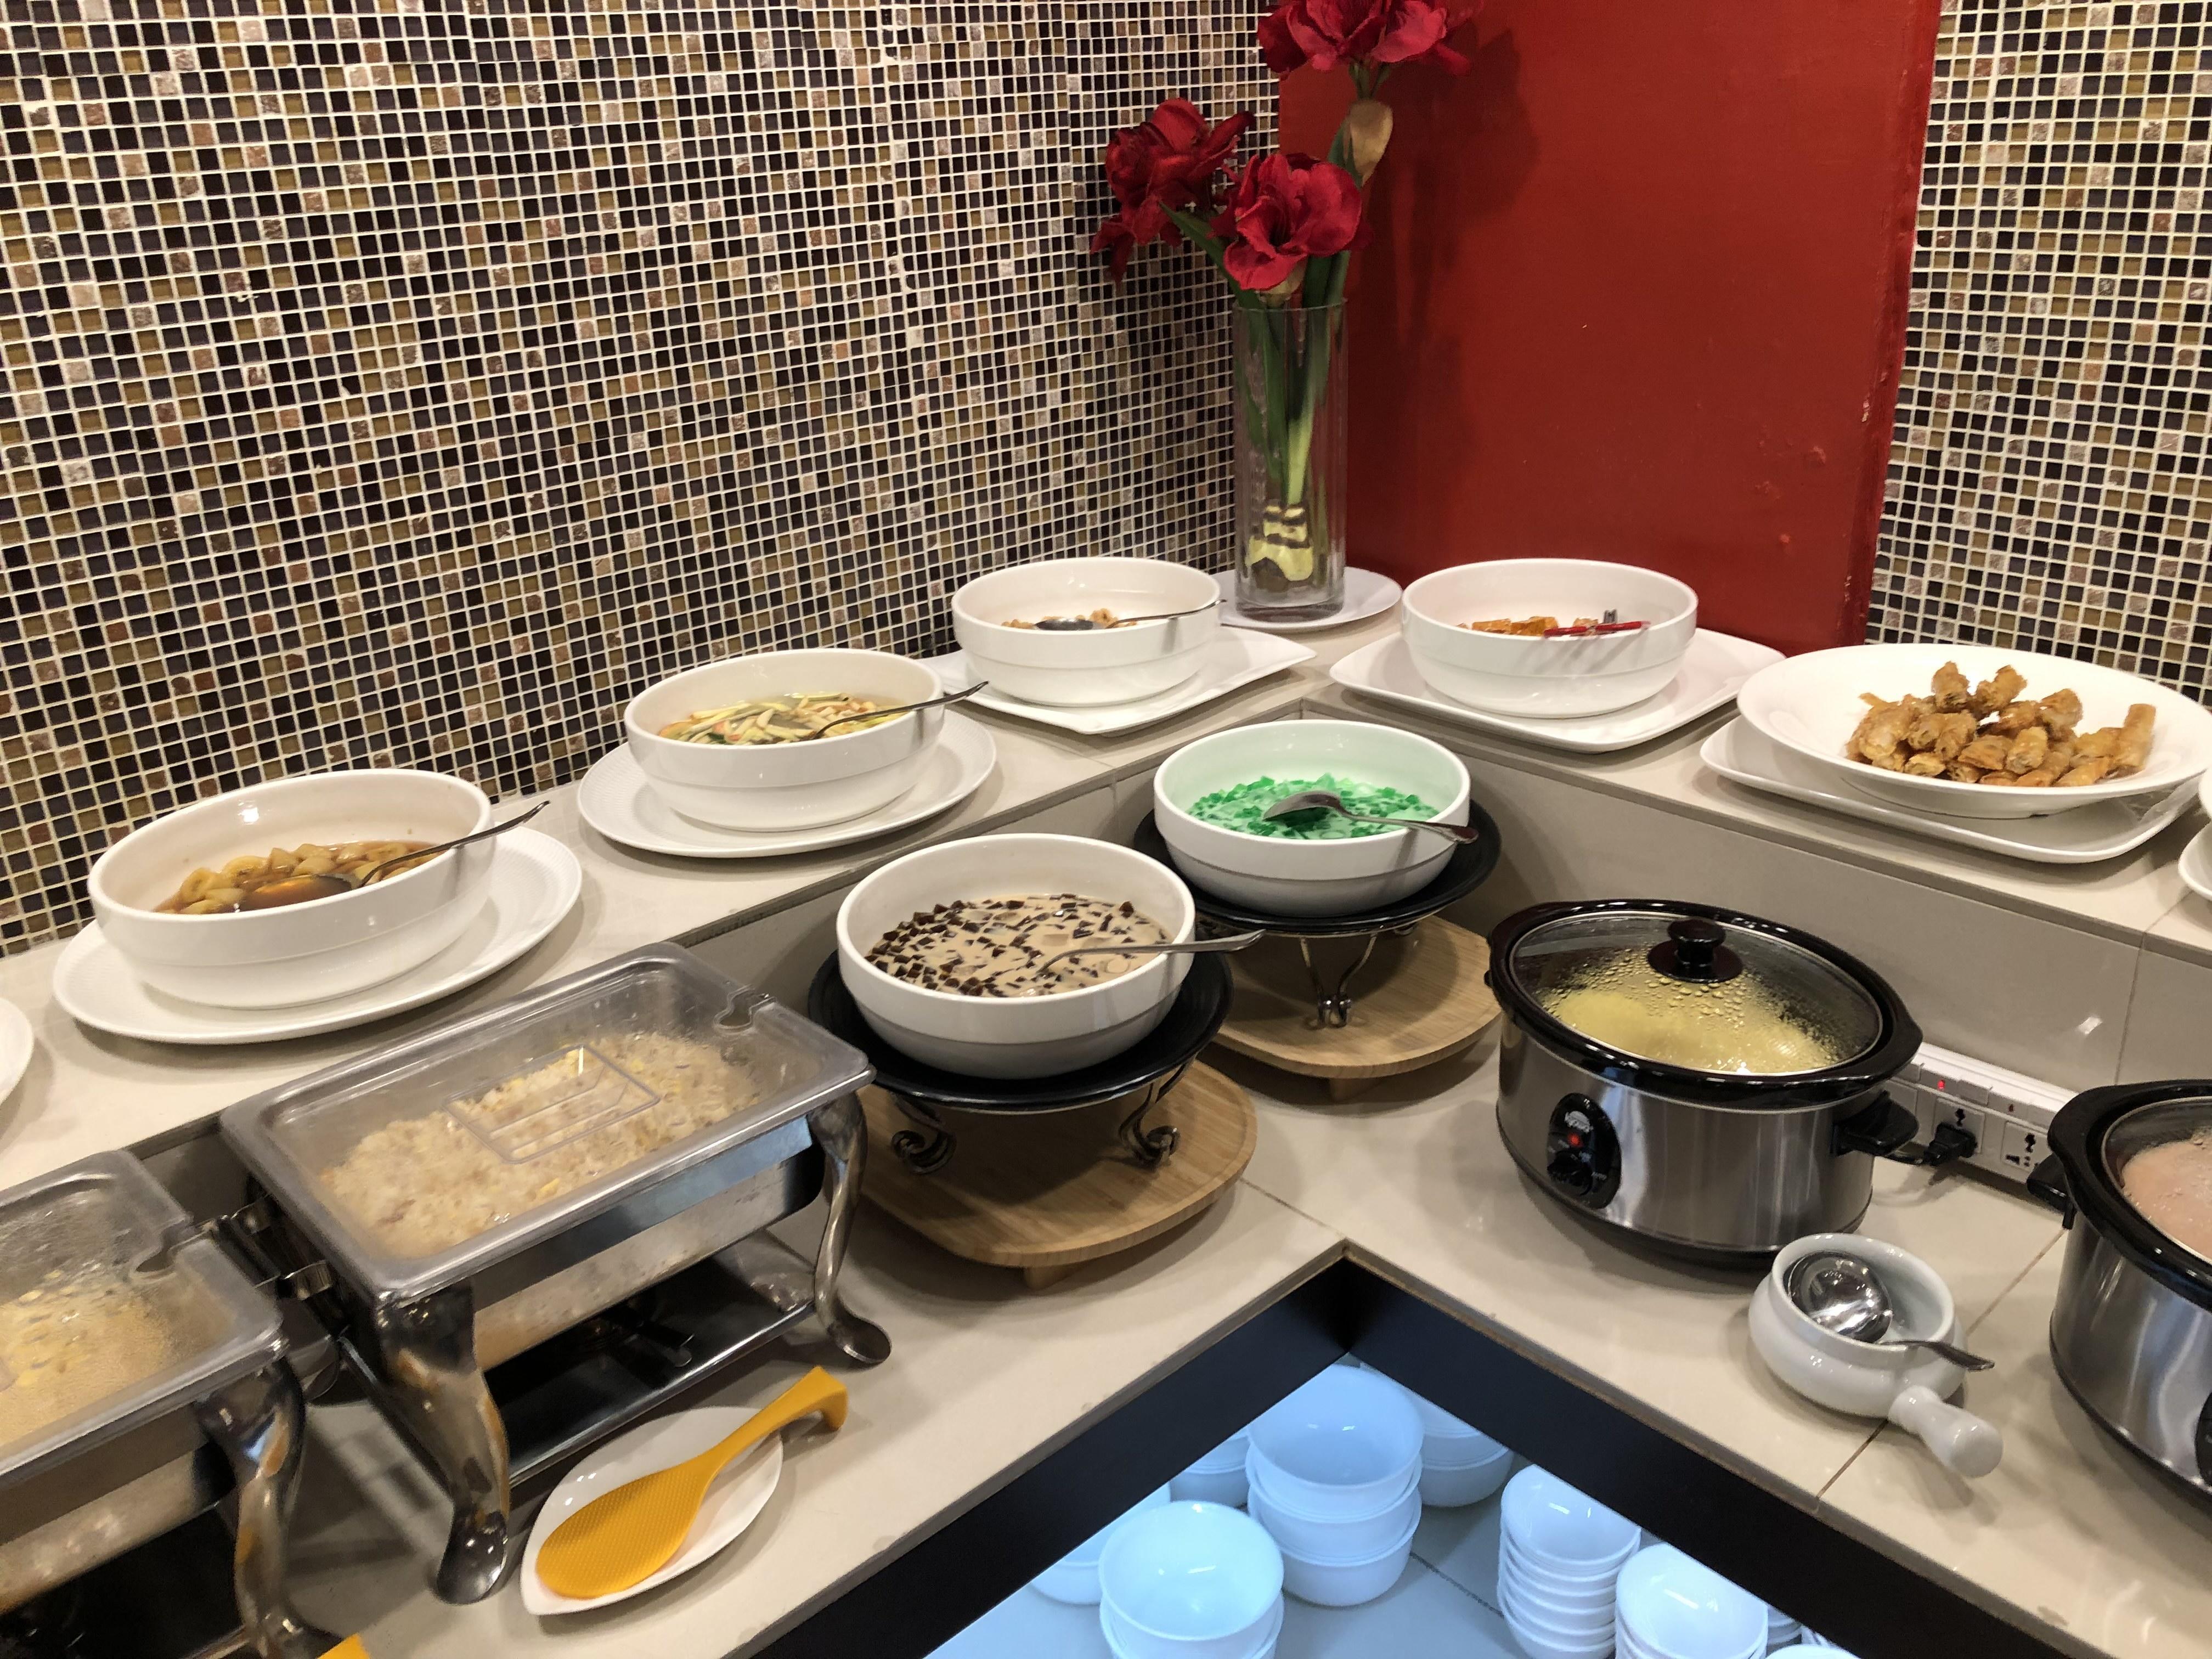 Buffet + Unli Pork Samgyeopsal + Shabu Shabu + Beef Chadolbegi